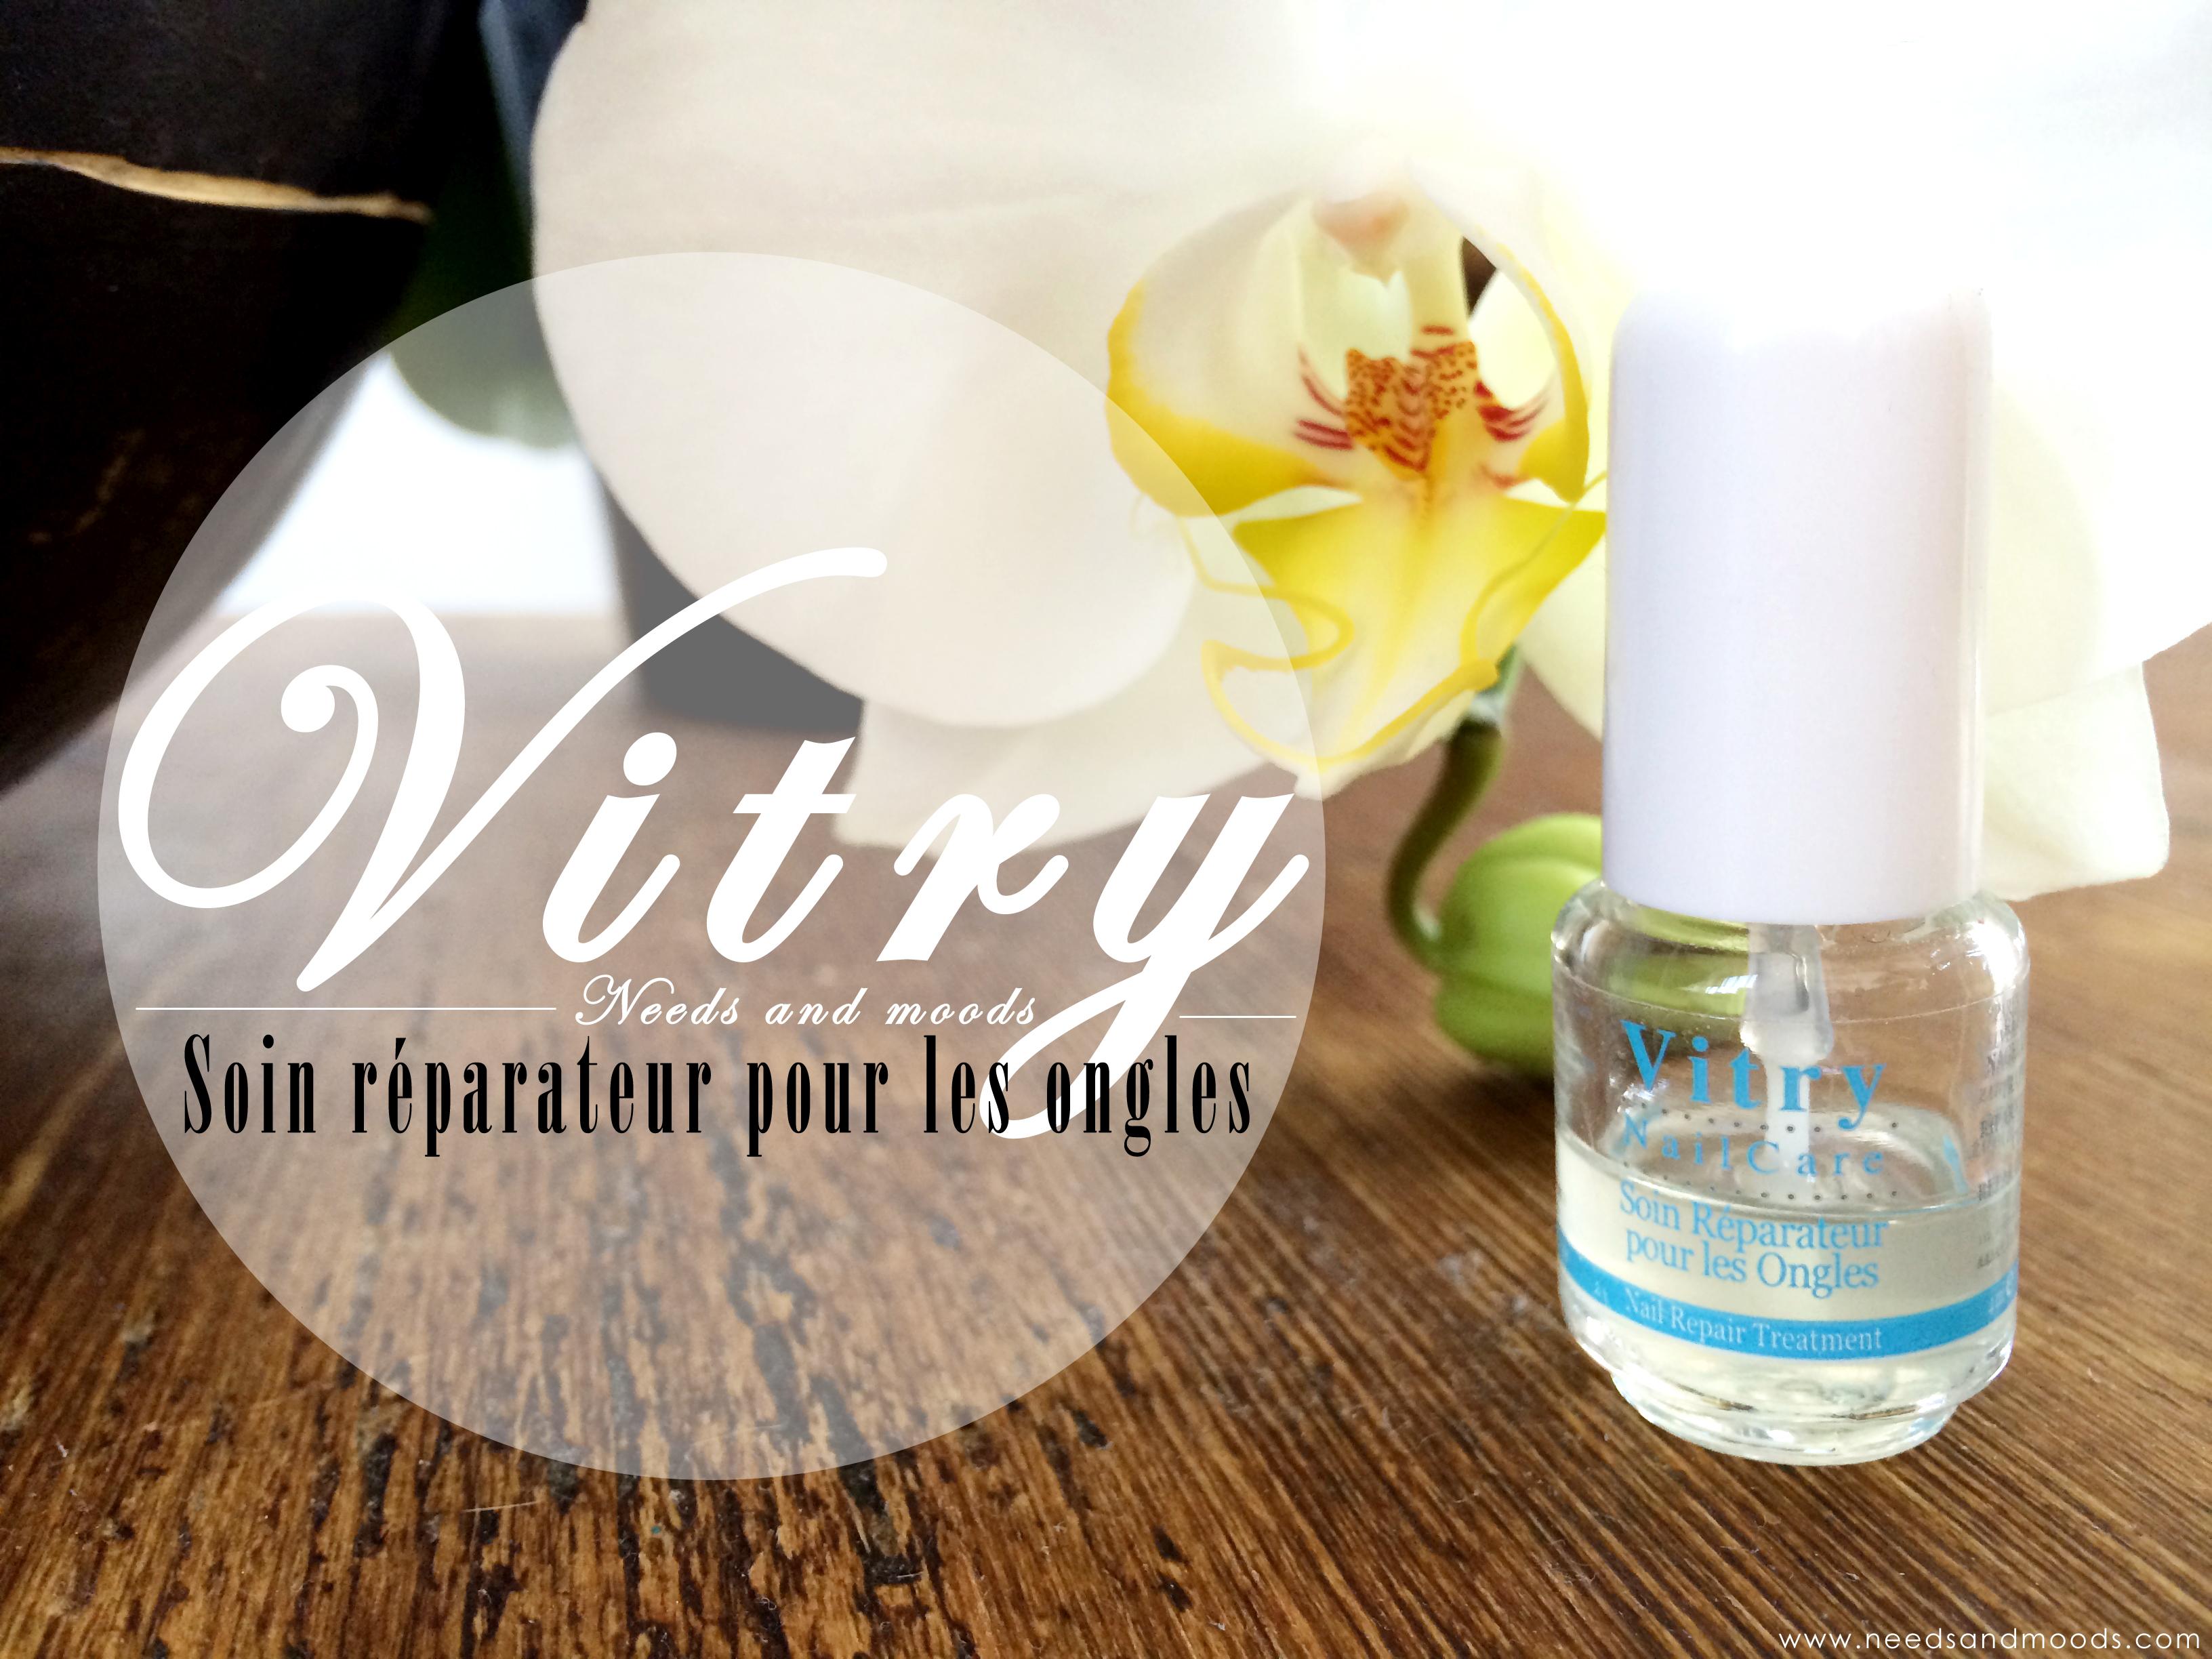 Soin réparateur pour les ongles Vitry